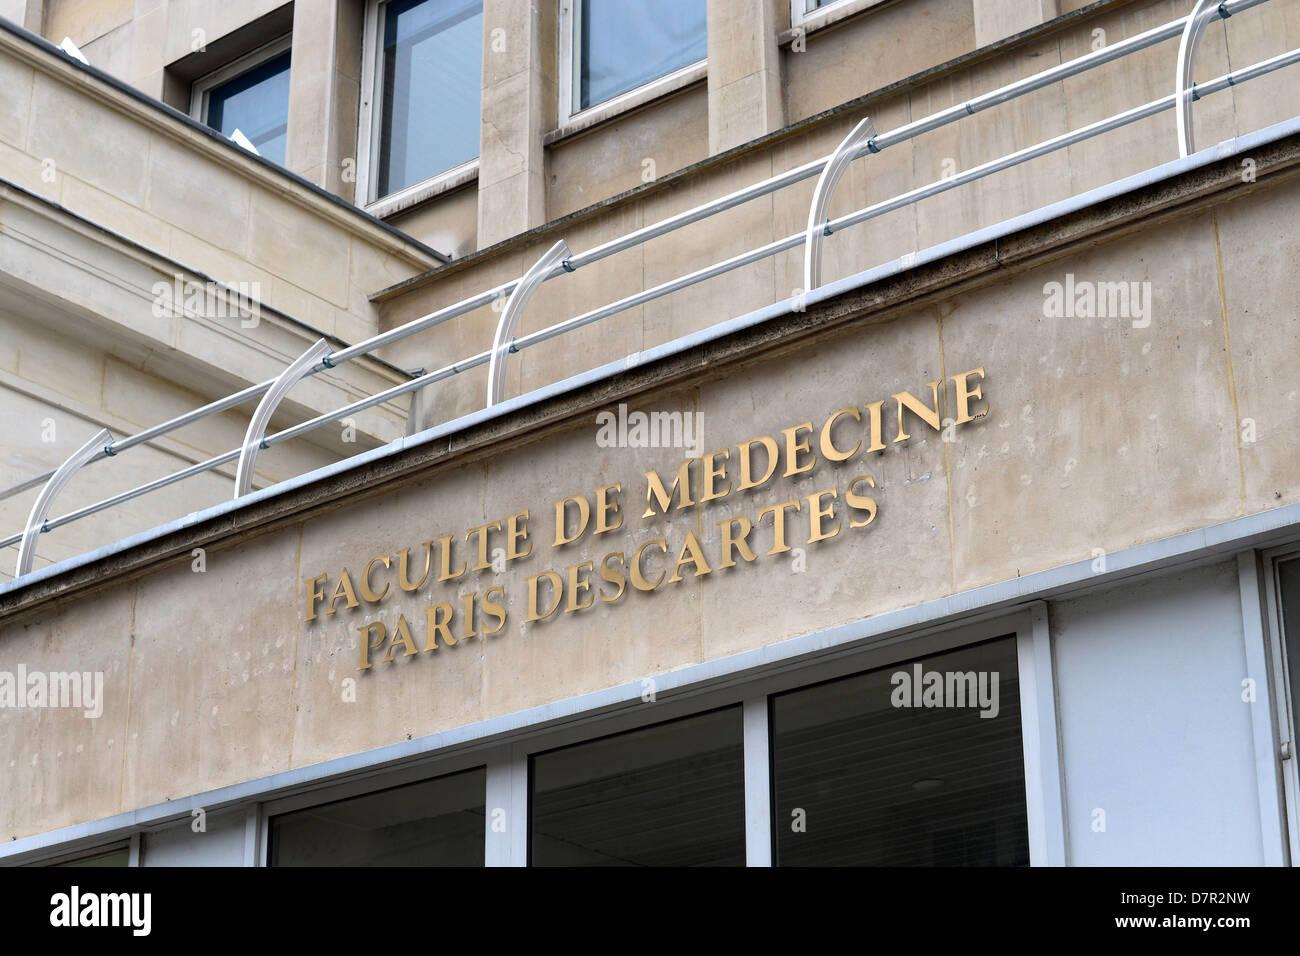 Paris Descartes university in the Latin Quarter, Paris - France - Stock Image